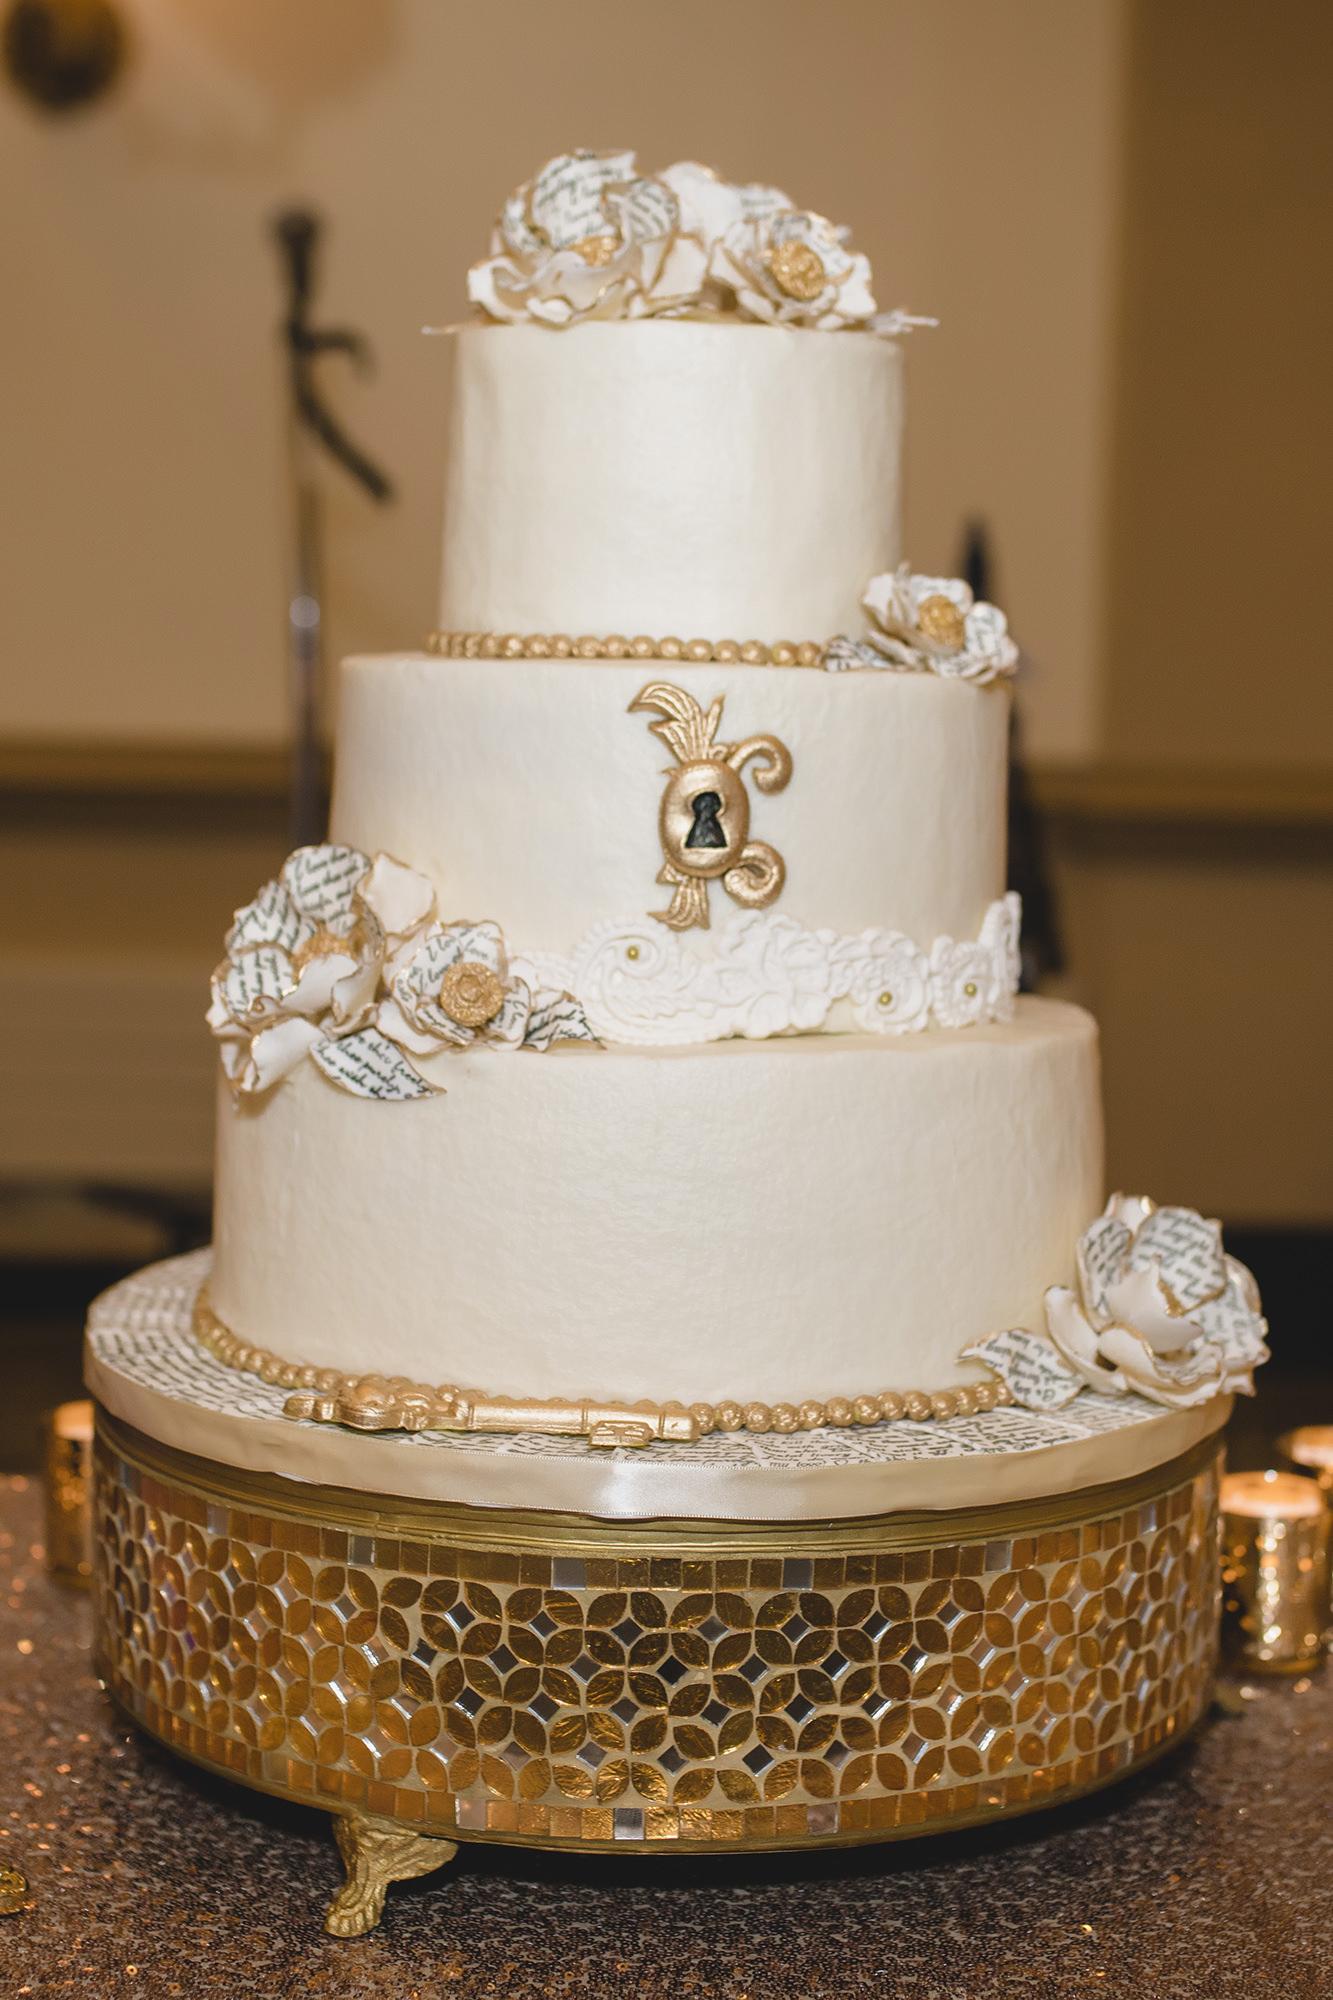 Vanilla Wedding Cake With Keyhole